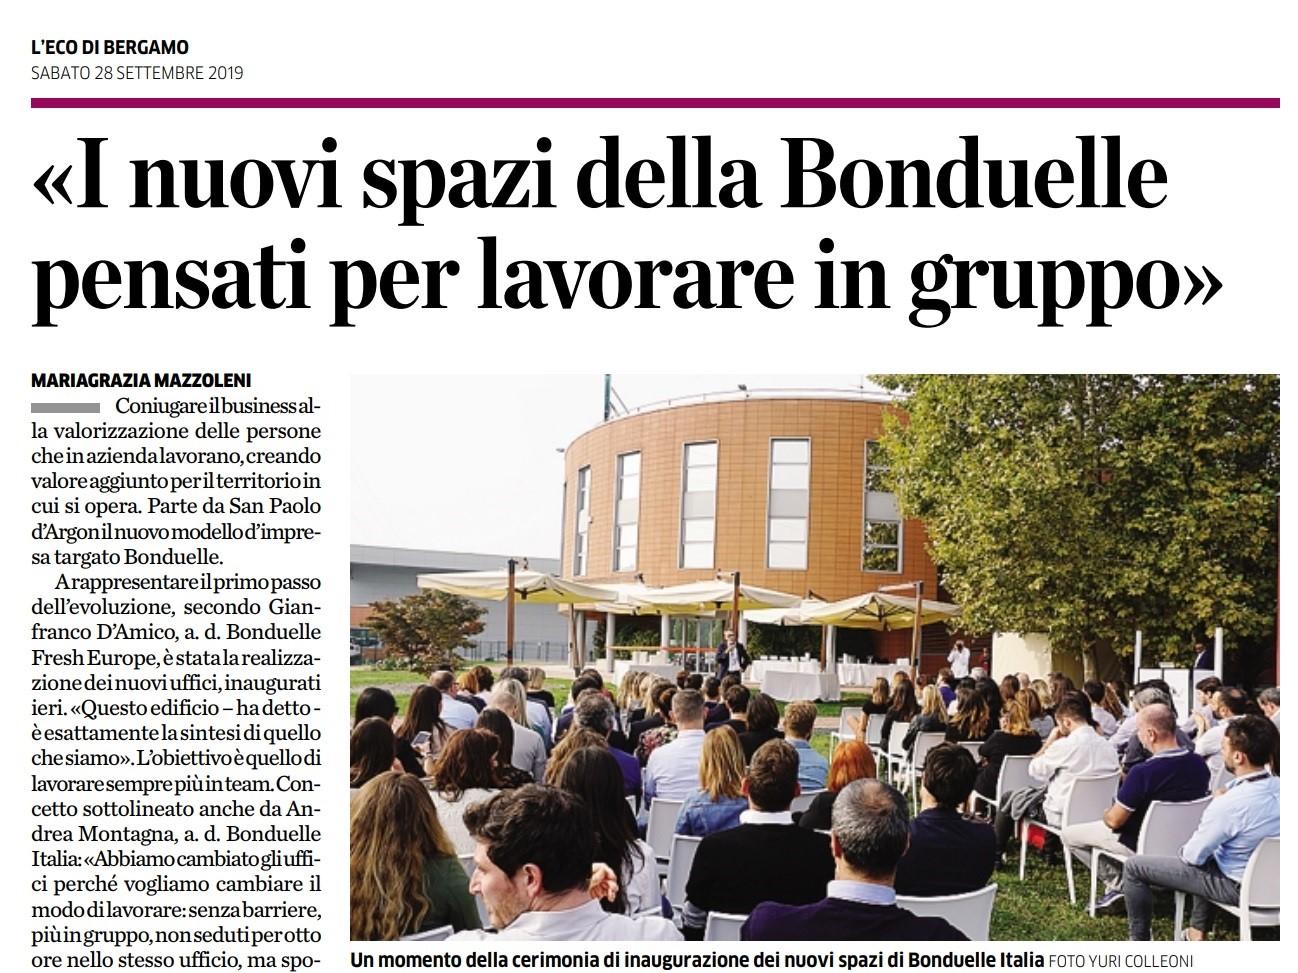 I nuovi spazi ufficio della Bonduelle pensati per lavorare in gruppo _ Eco di Bergamo